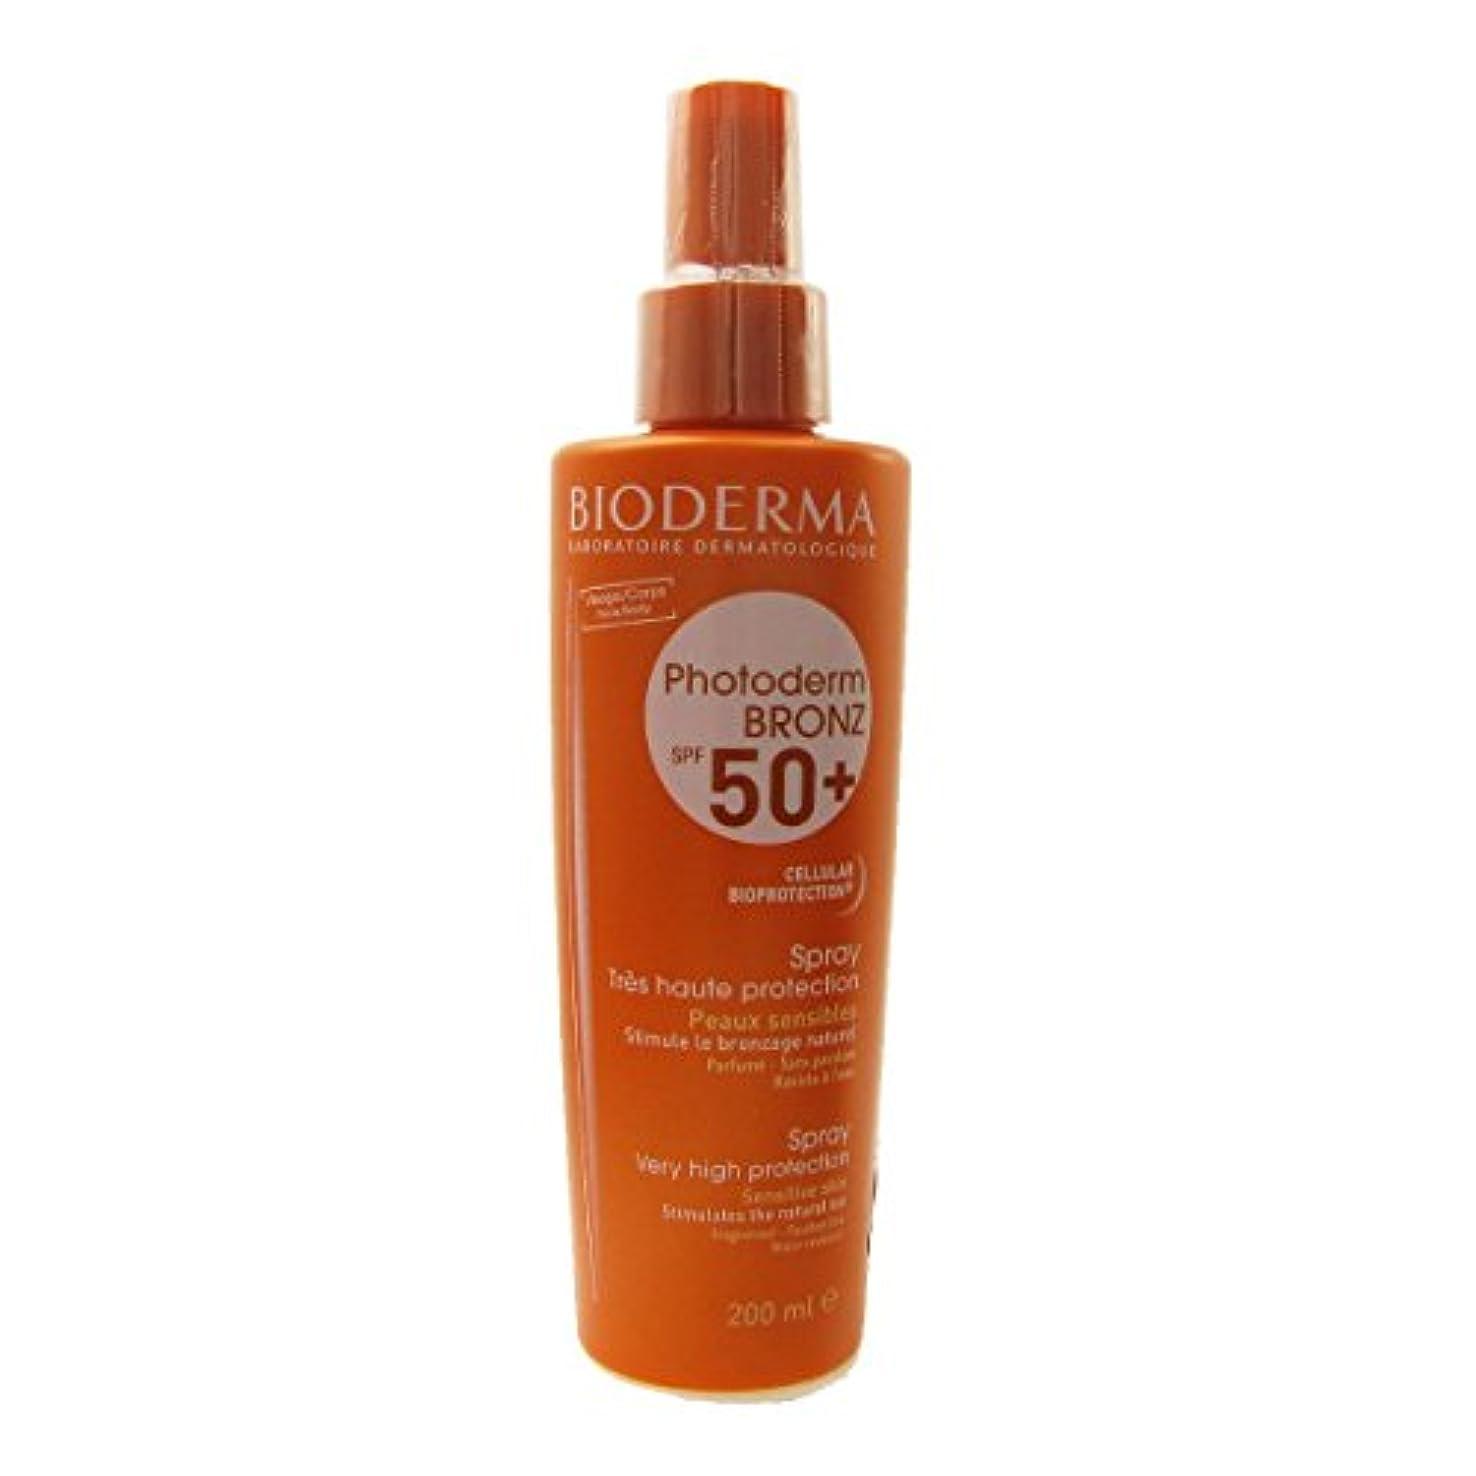 経験軽く嘆願Bioderma Photoderm Bronz Spf 50 Spray 200ml [並行輸入品]